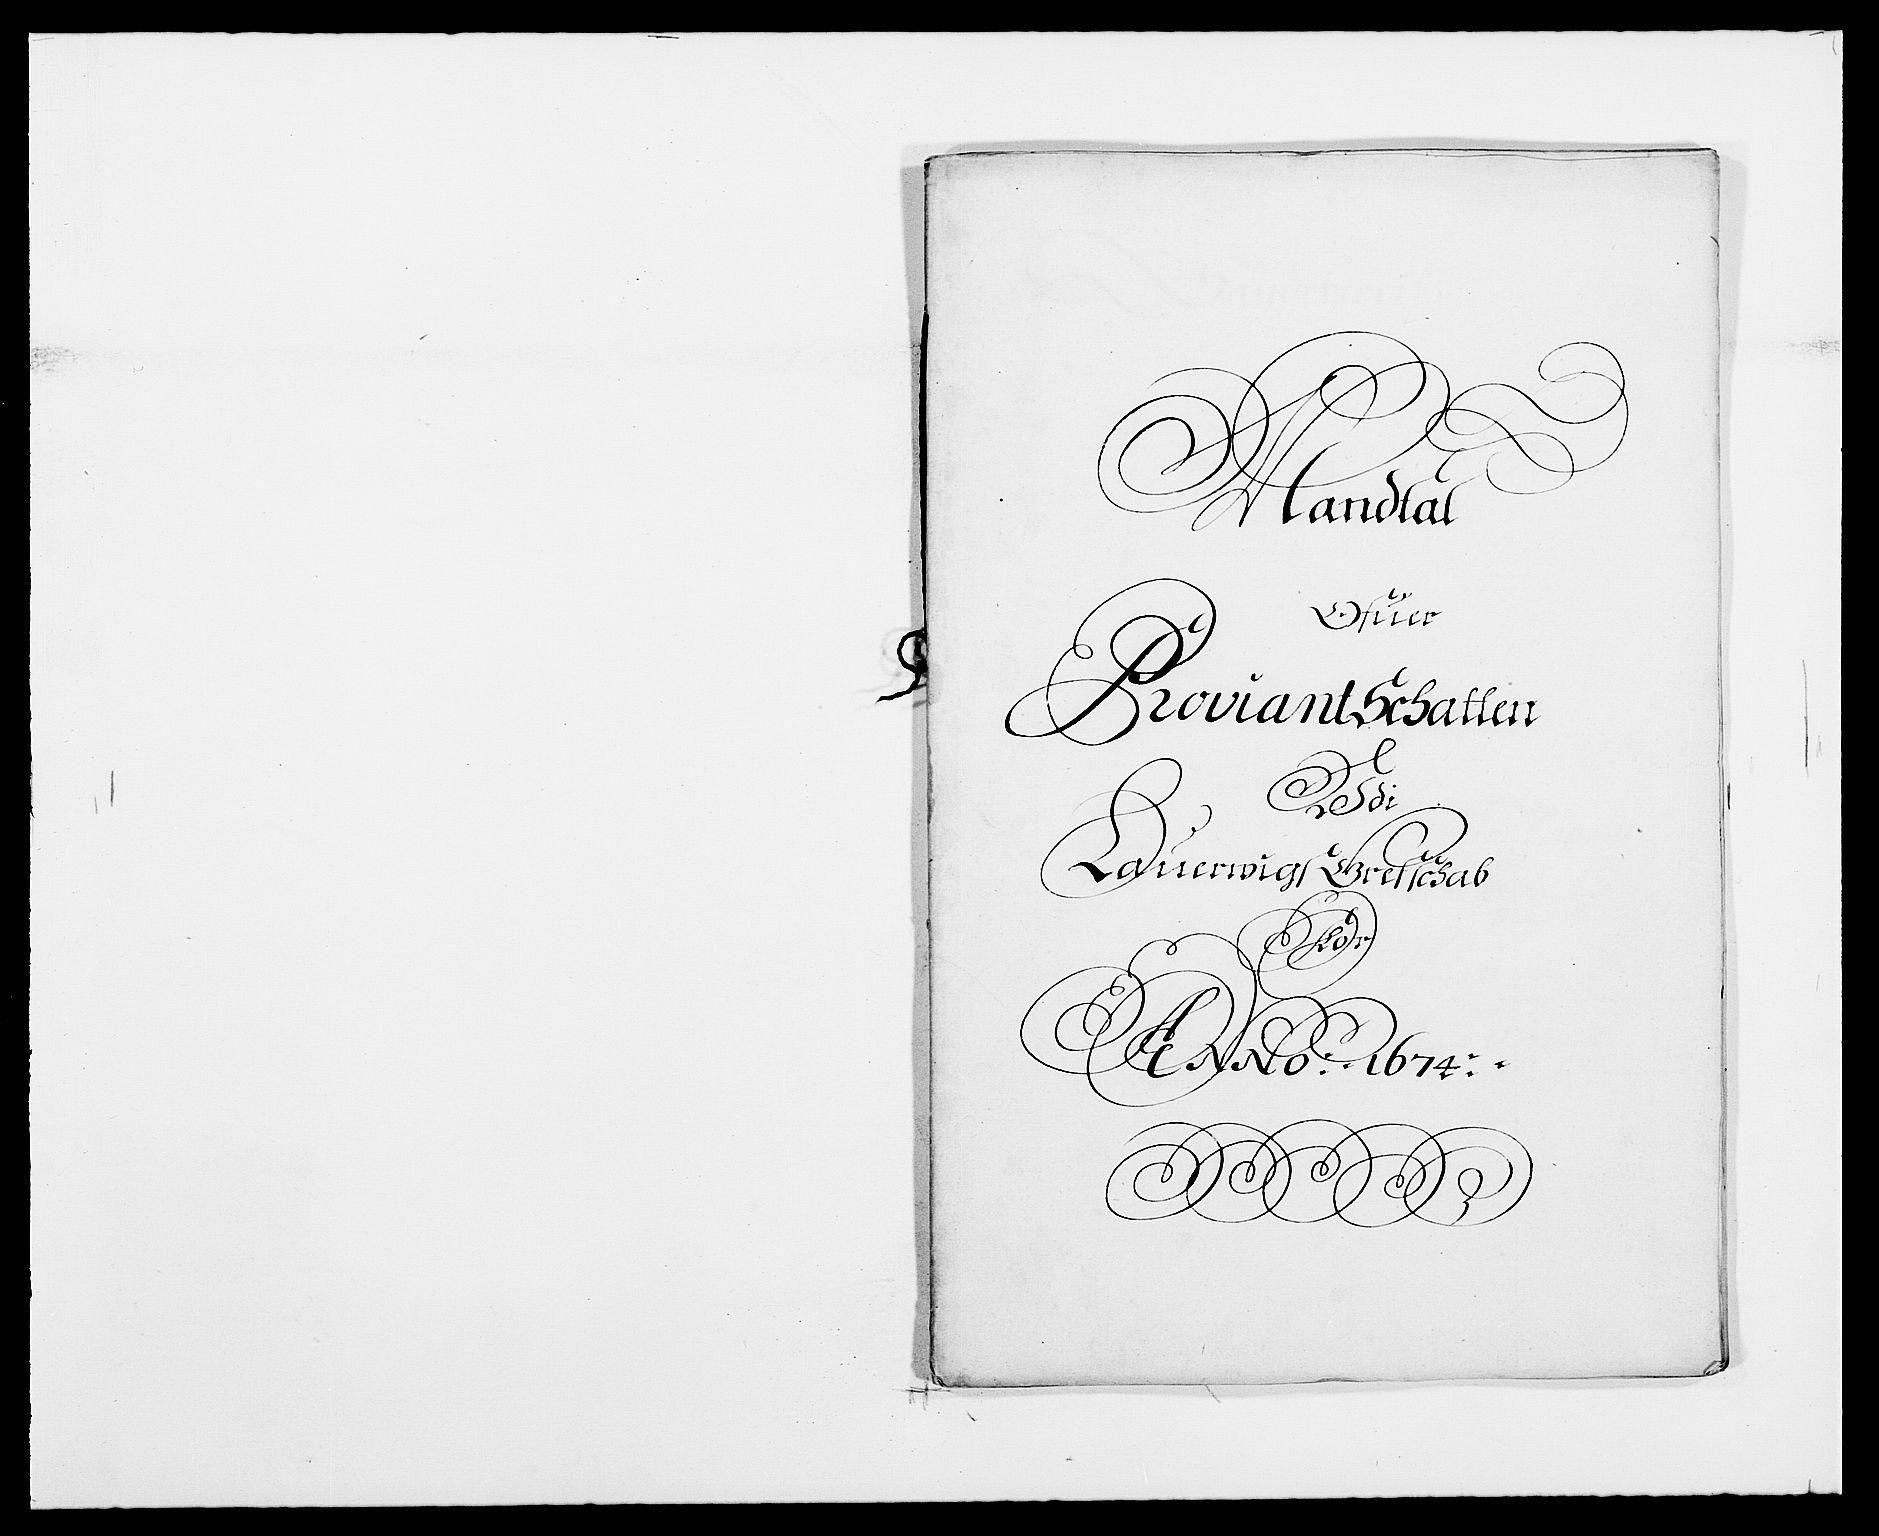 RA, Rentekammeret inntil 1814, Reviderte regnskaper, Fogderegnskap, R33/L1966: Fogderegnskap Larvik grevskap, 1672-1674, s. 248